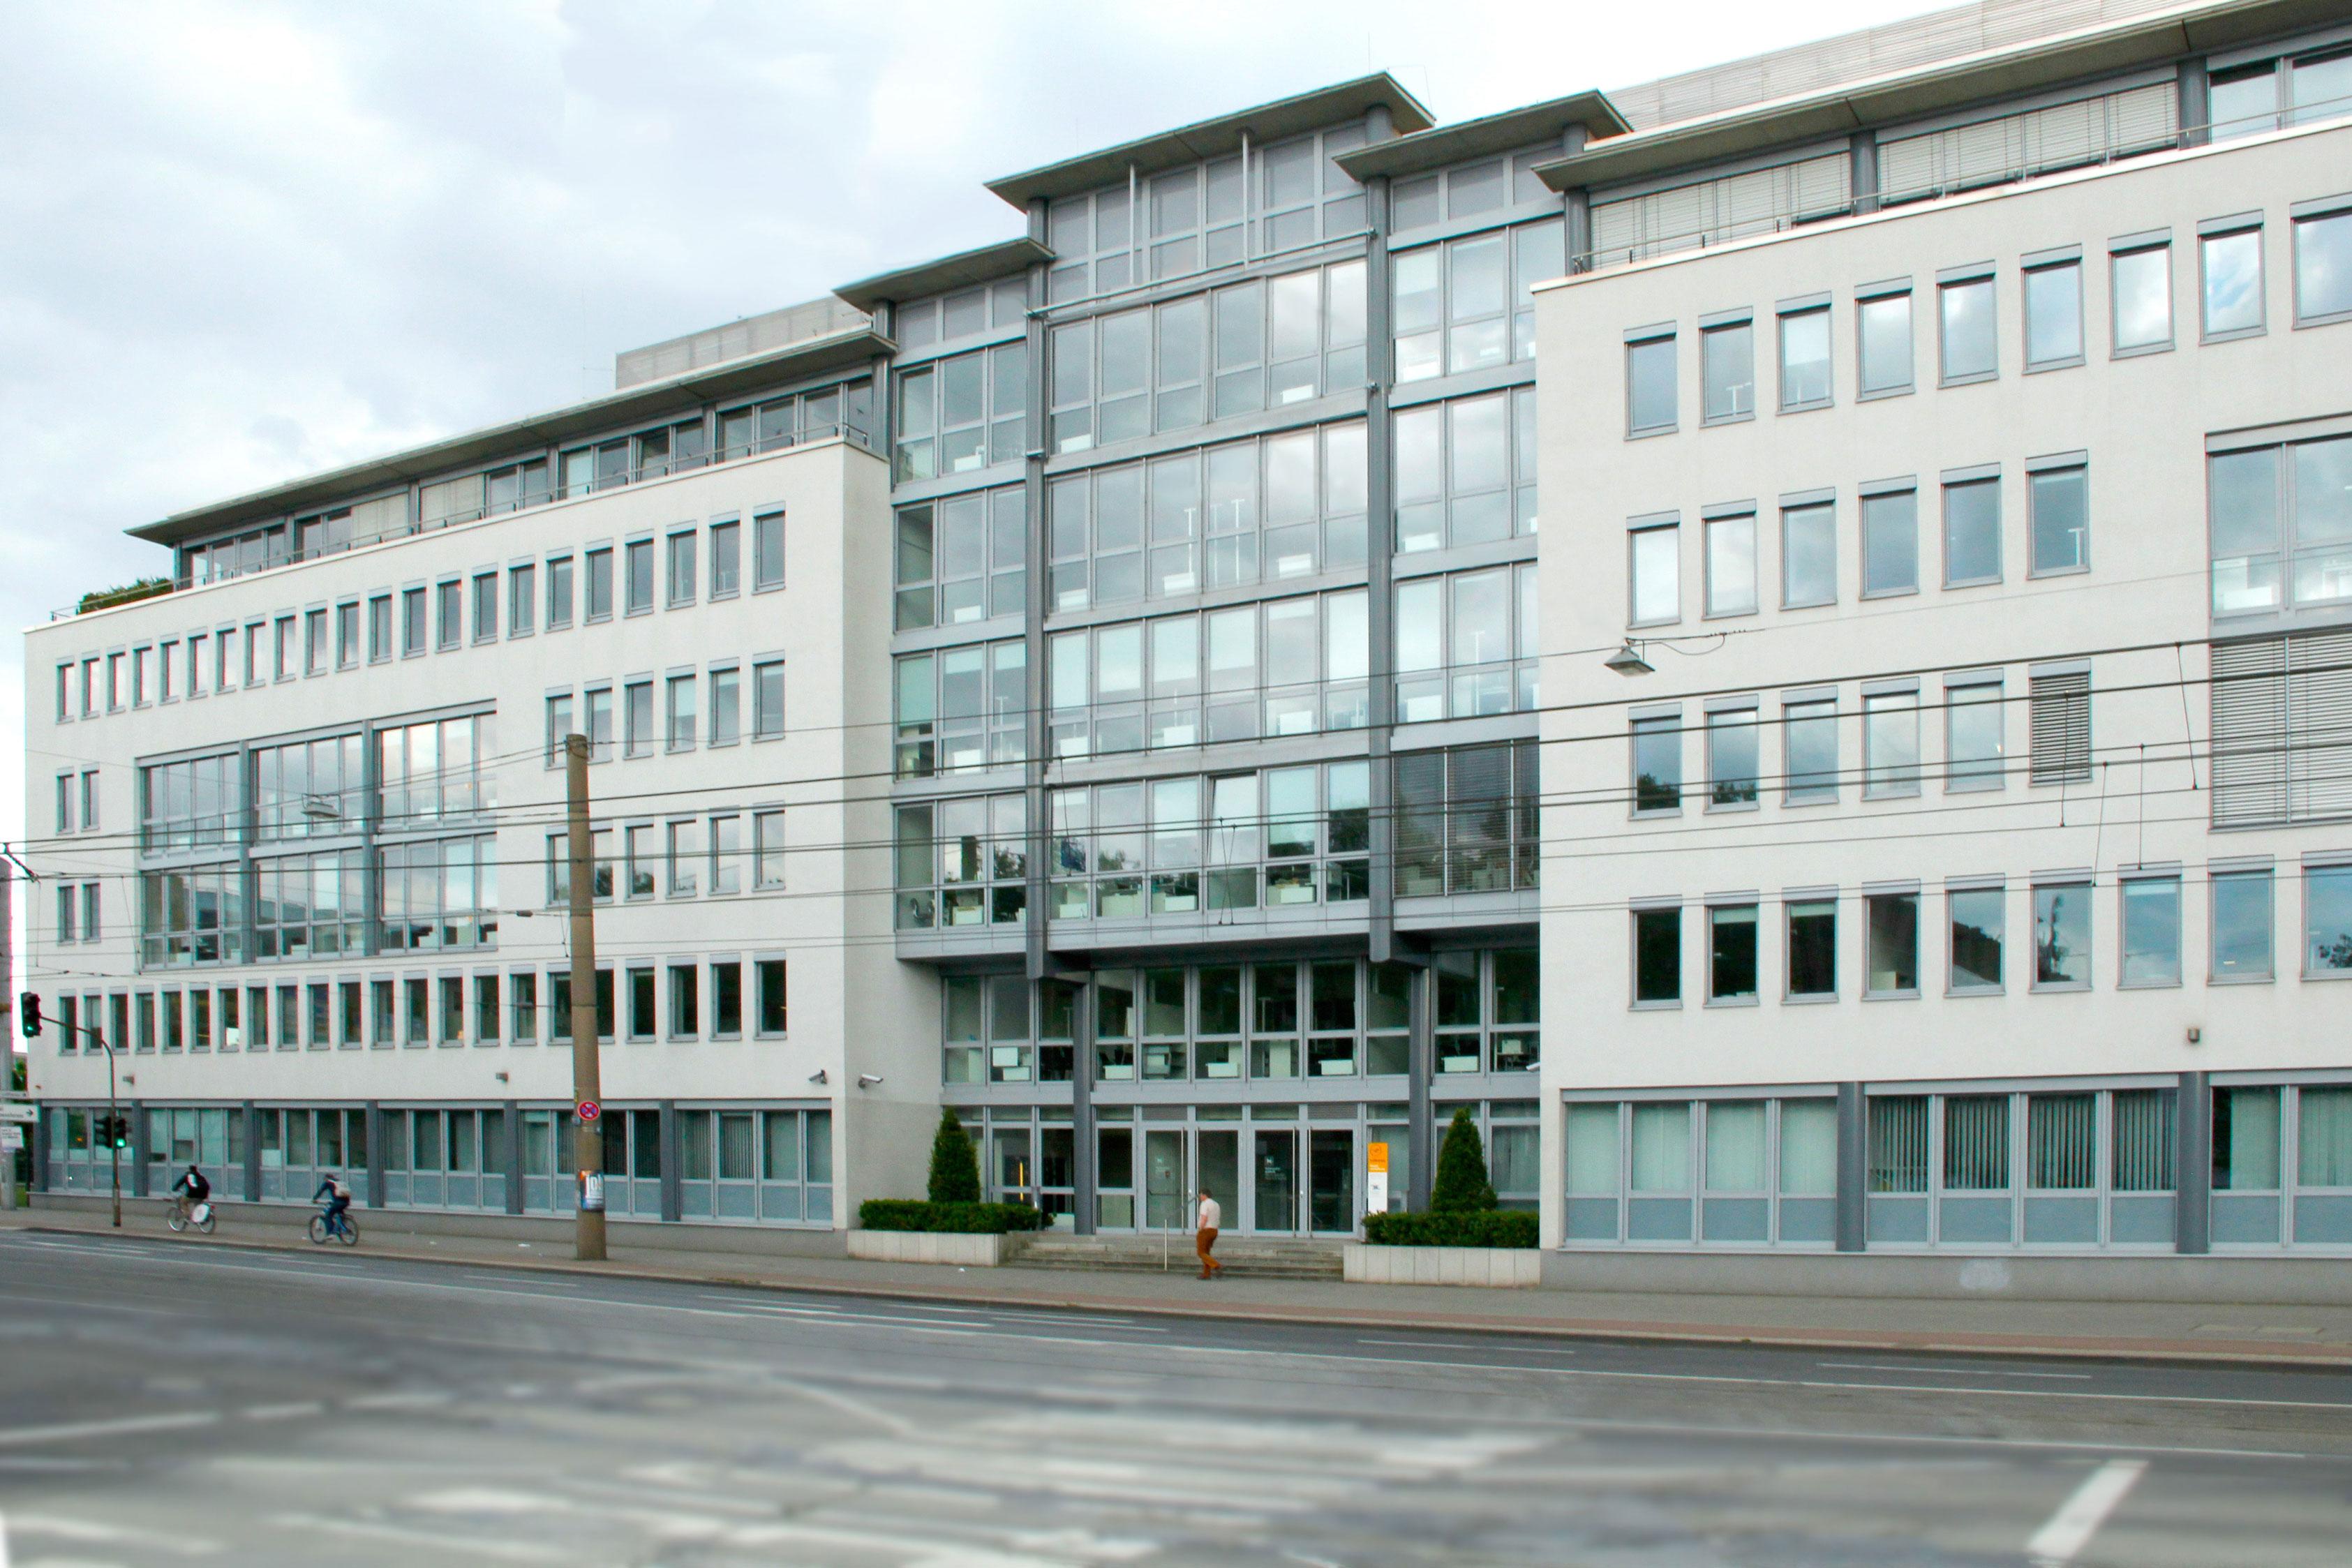 Das Dienstgebäude in Köln